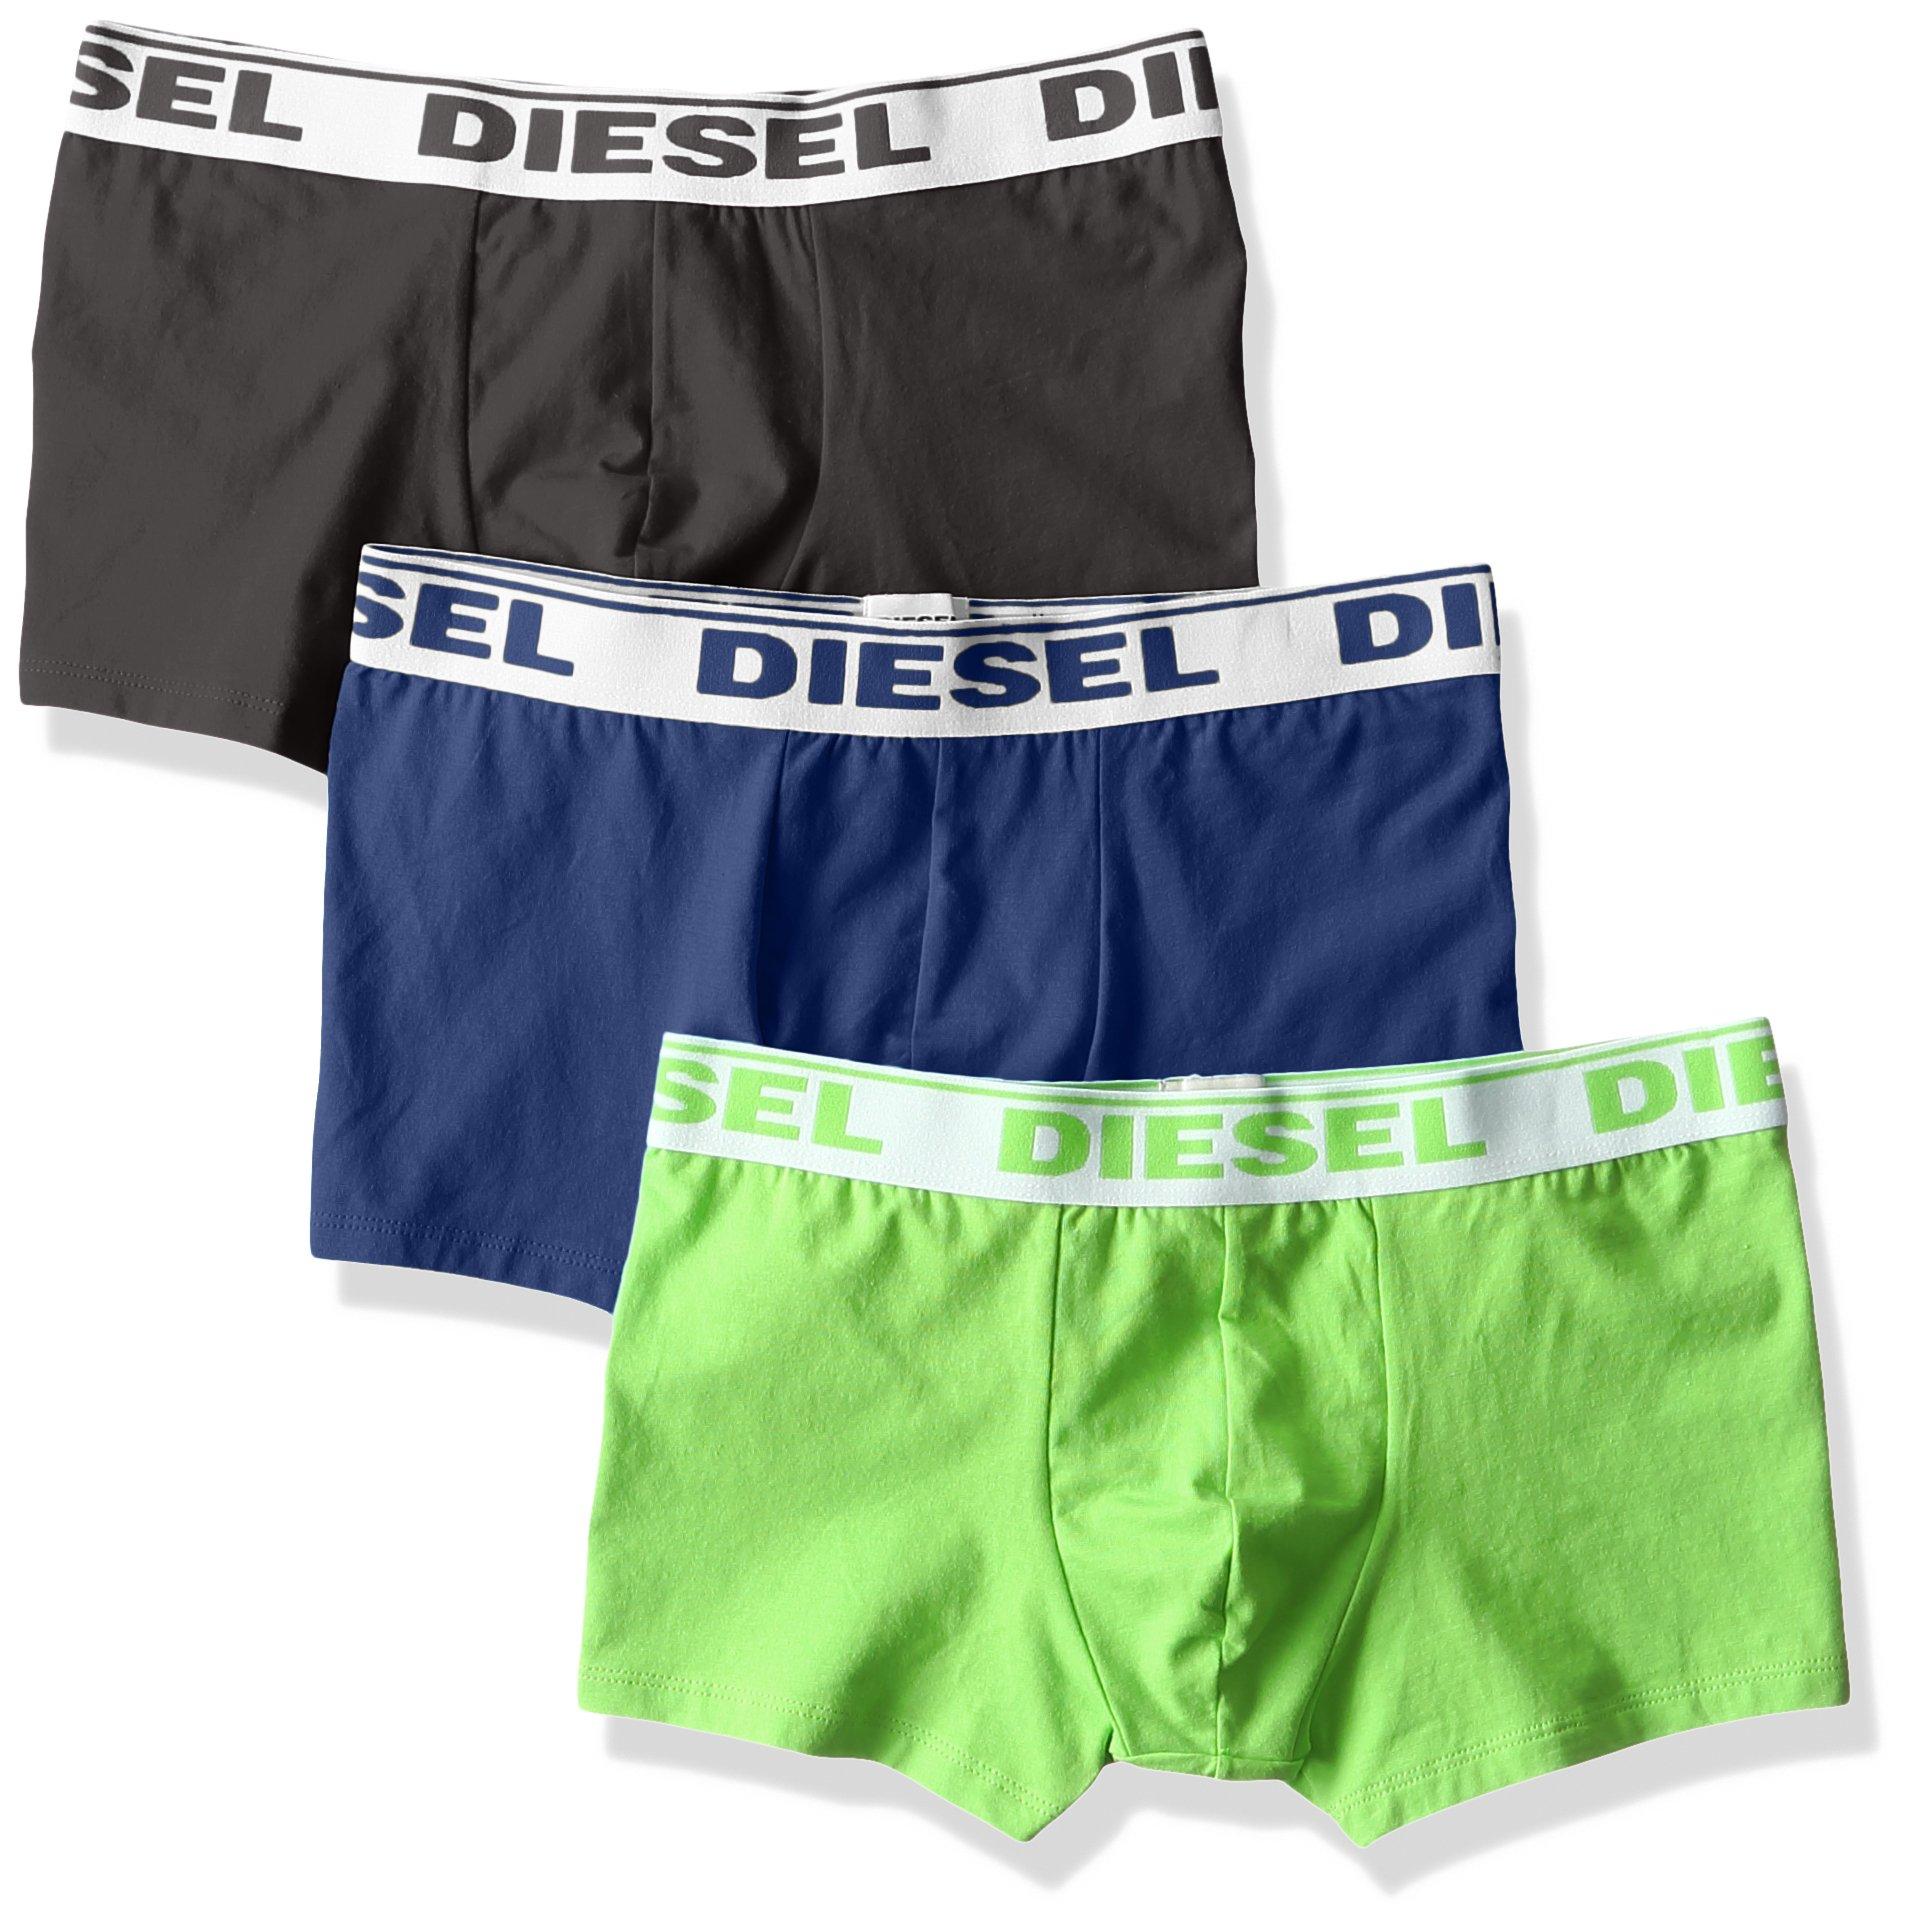 DIESEL - UMBX-SHAWNTHREE-PACK, Boxer Uomo, Multicolore (MULTICOLOR 12), M (Taglia Produttore: M)